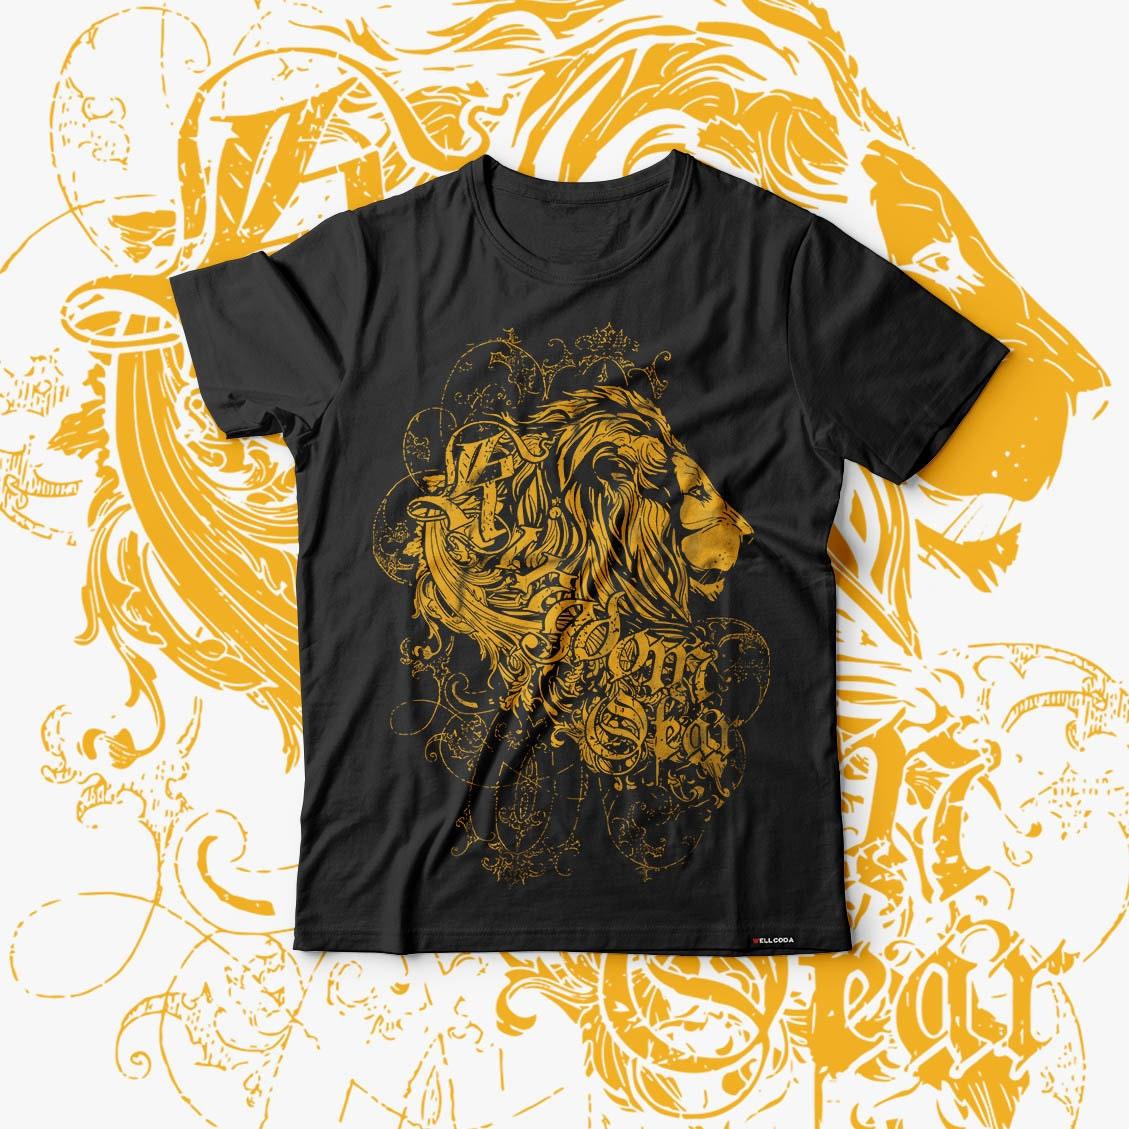 Lion Kingdom Jungle Fear Animal Men Black Tshirt S5XL NEW  Wellcoda